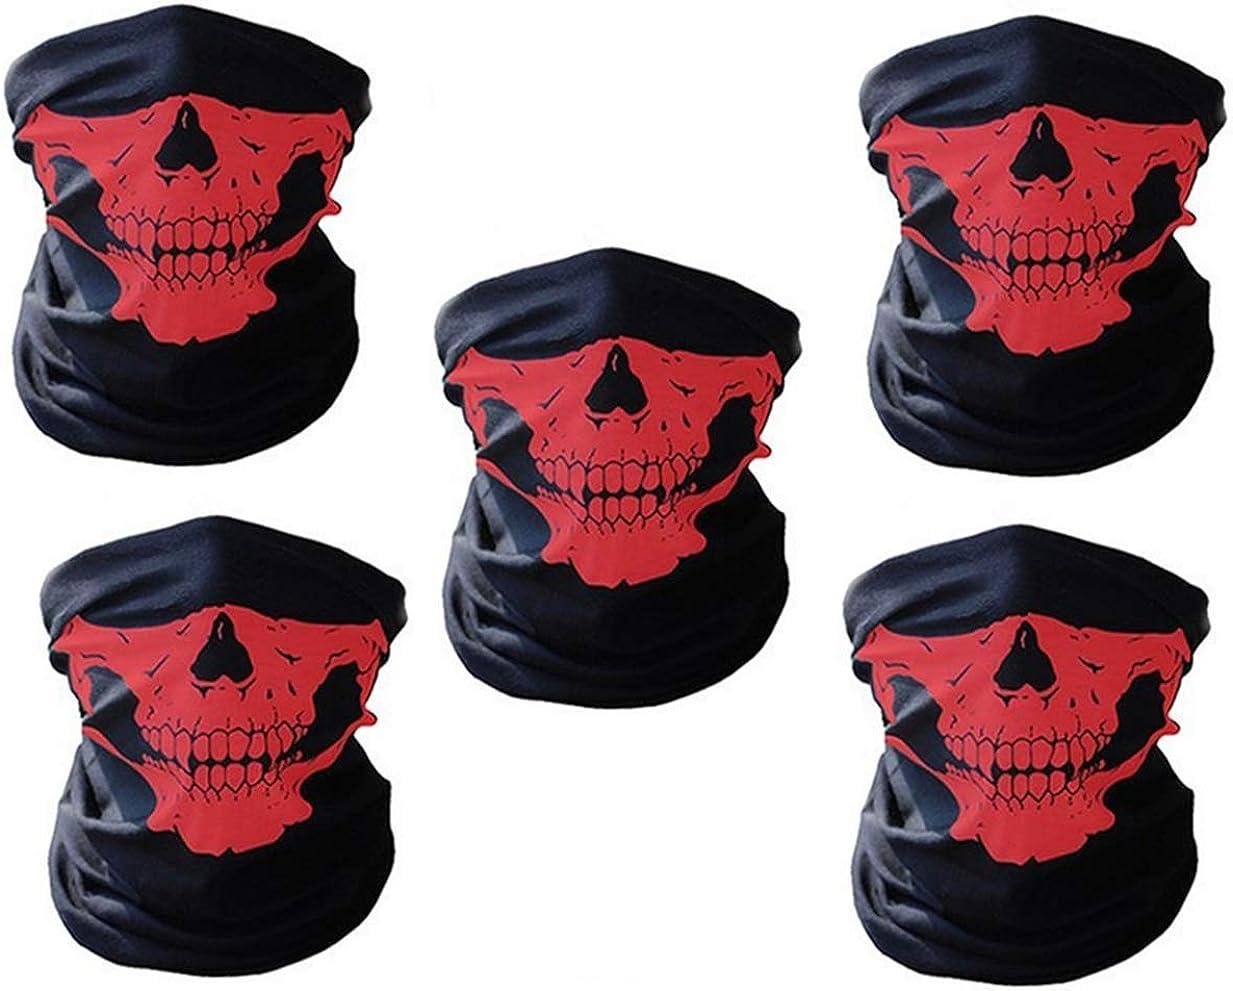 5 Piezas Bufanda Tipo Tubo Multifuncional de Motocicleta Mascarillas de Calavera,Tubo Máscara Facial para Hacer Yoga, Senderismo, Montar a Caballo, Montar en Moto.